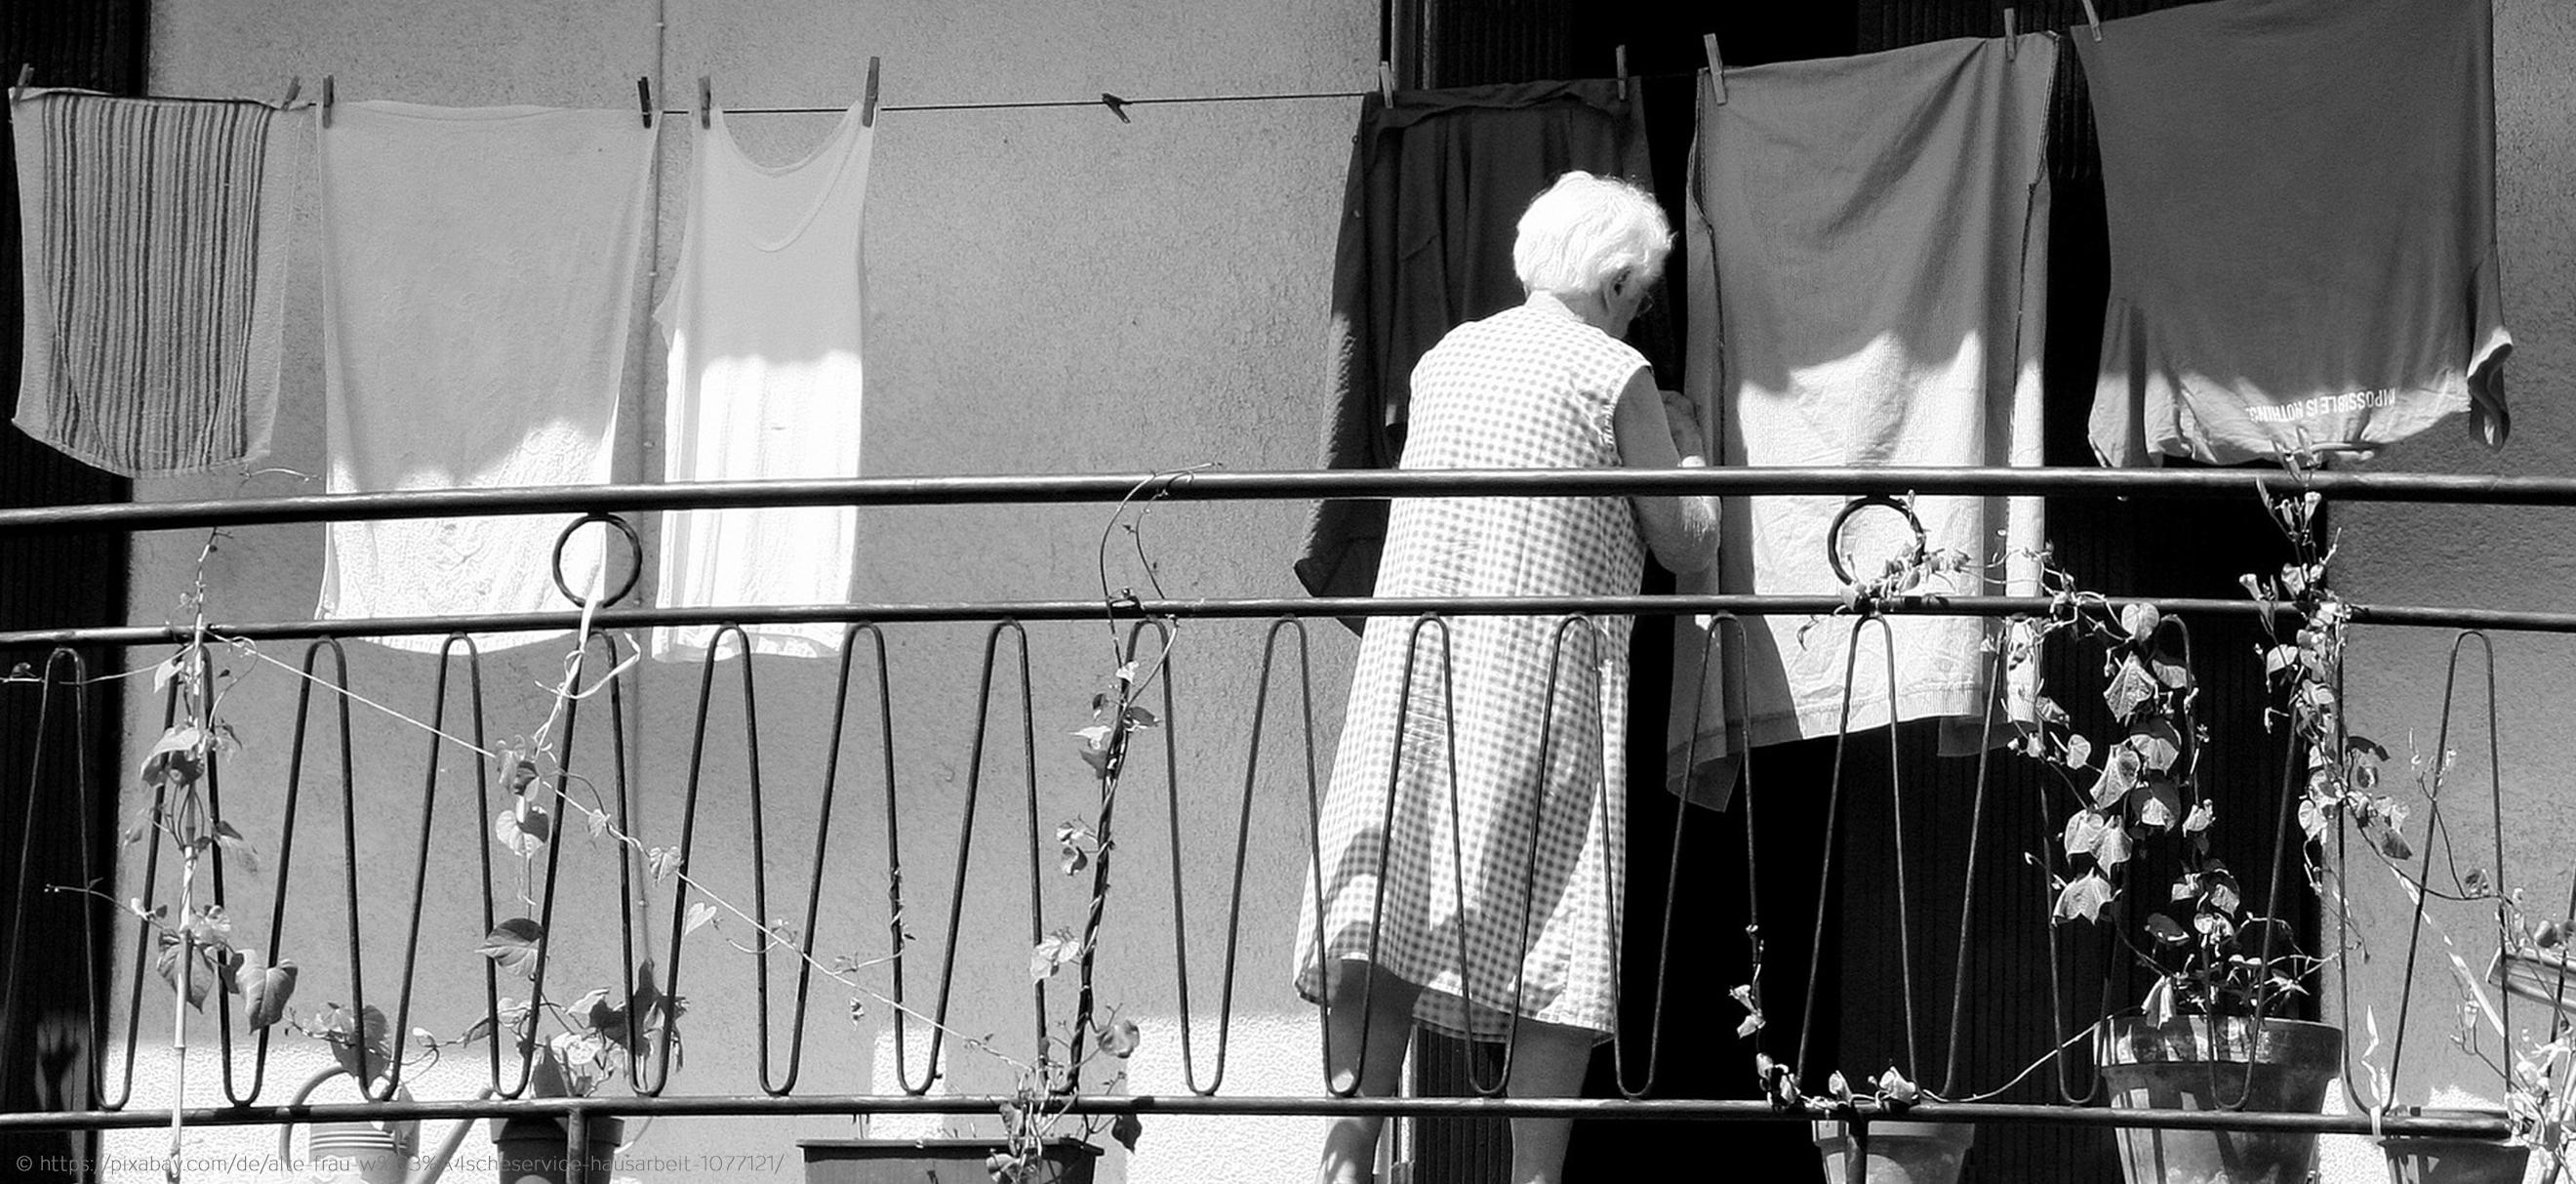 Oma hängt T-Shirts und Unterhemden auf die Wäscheleine